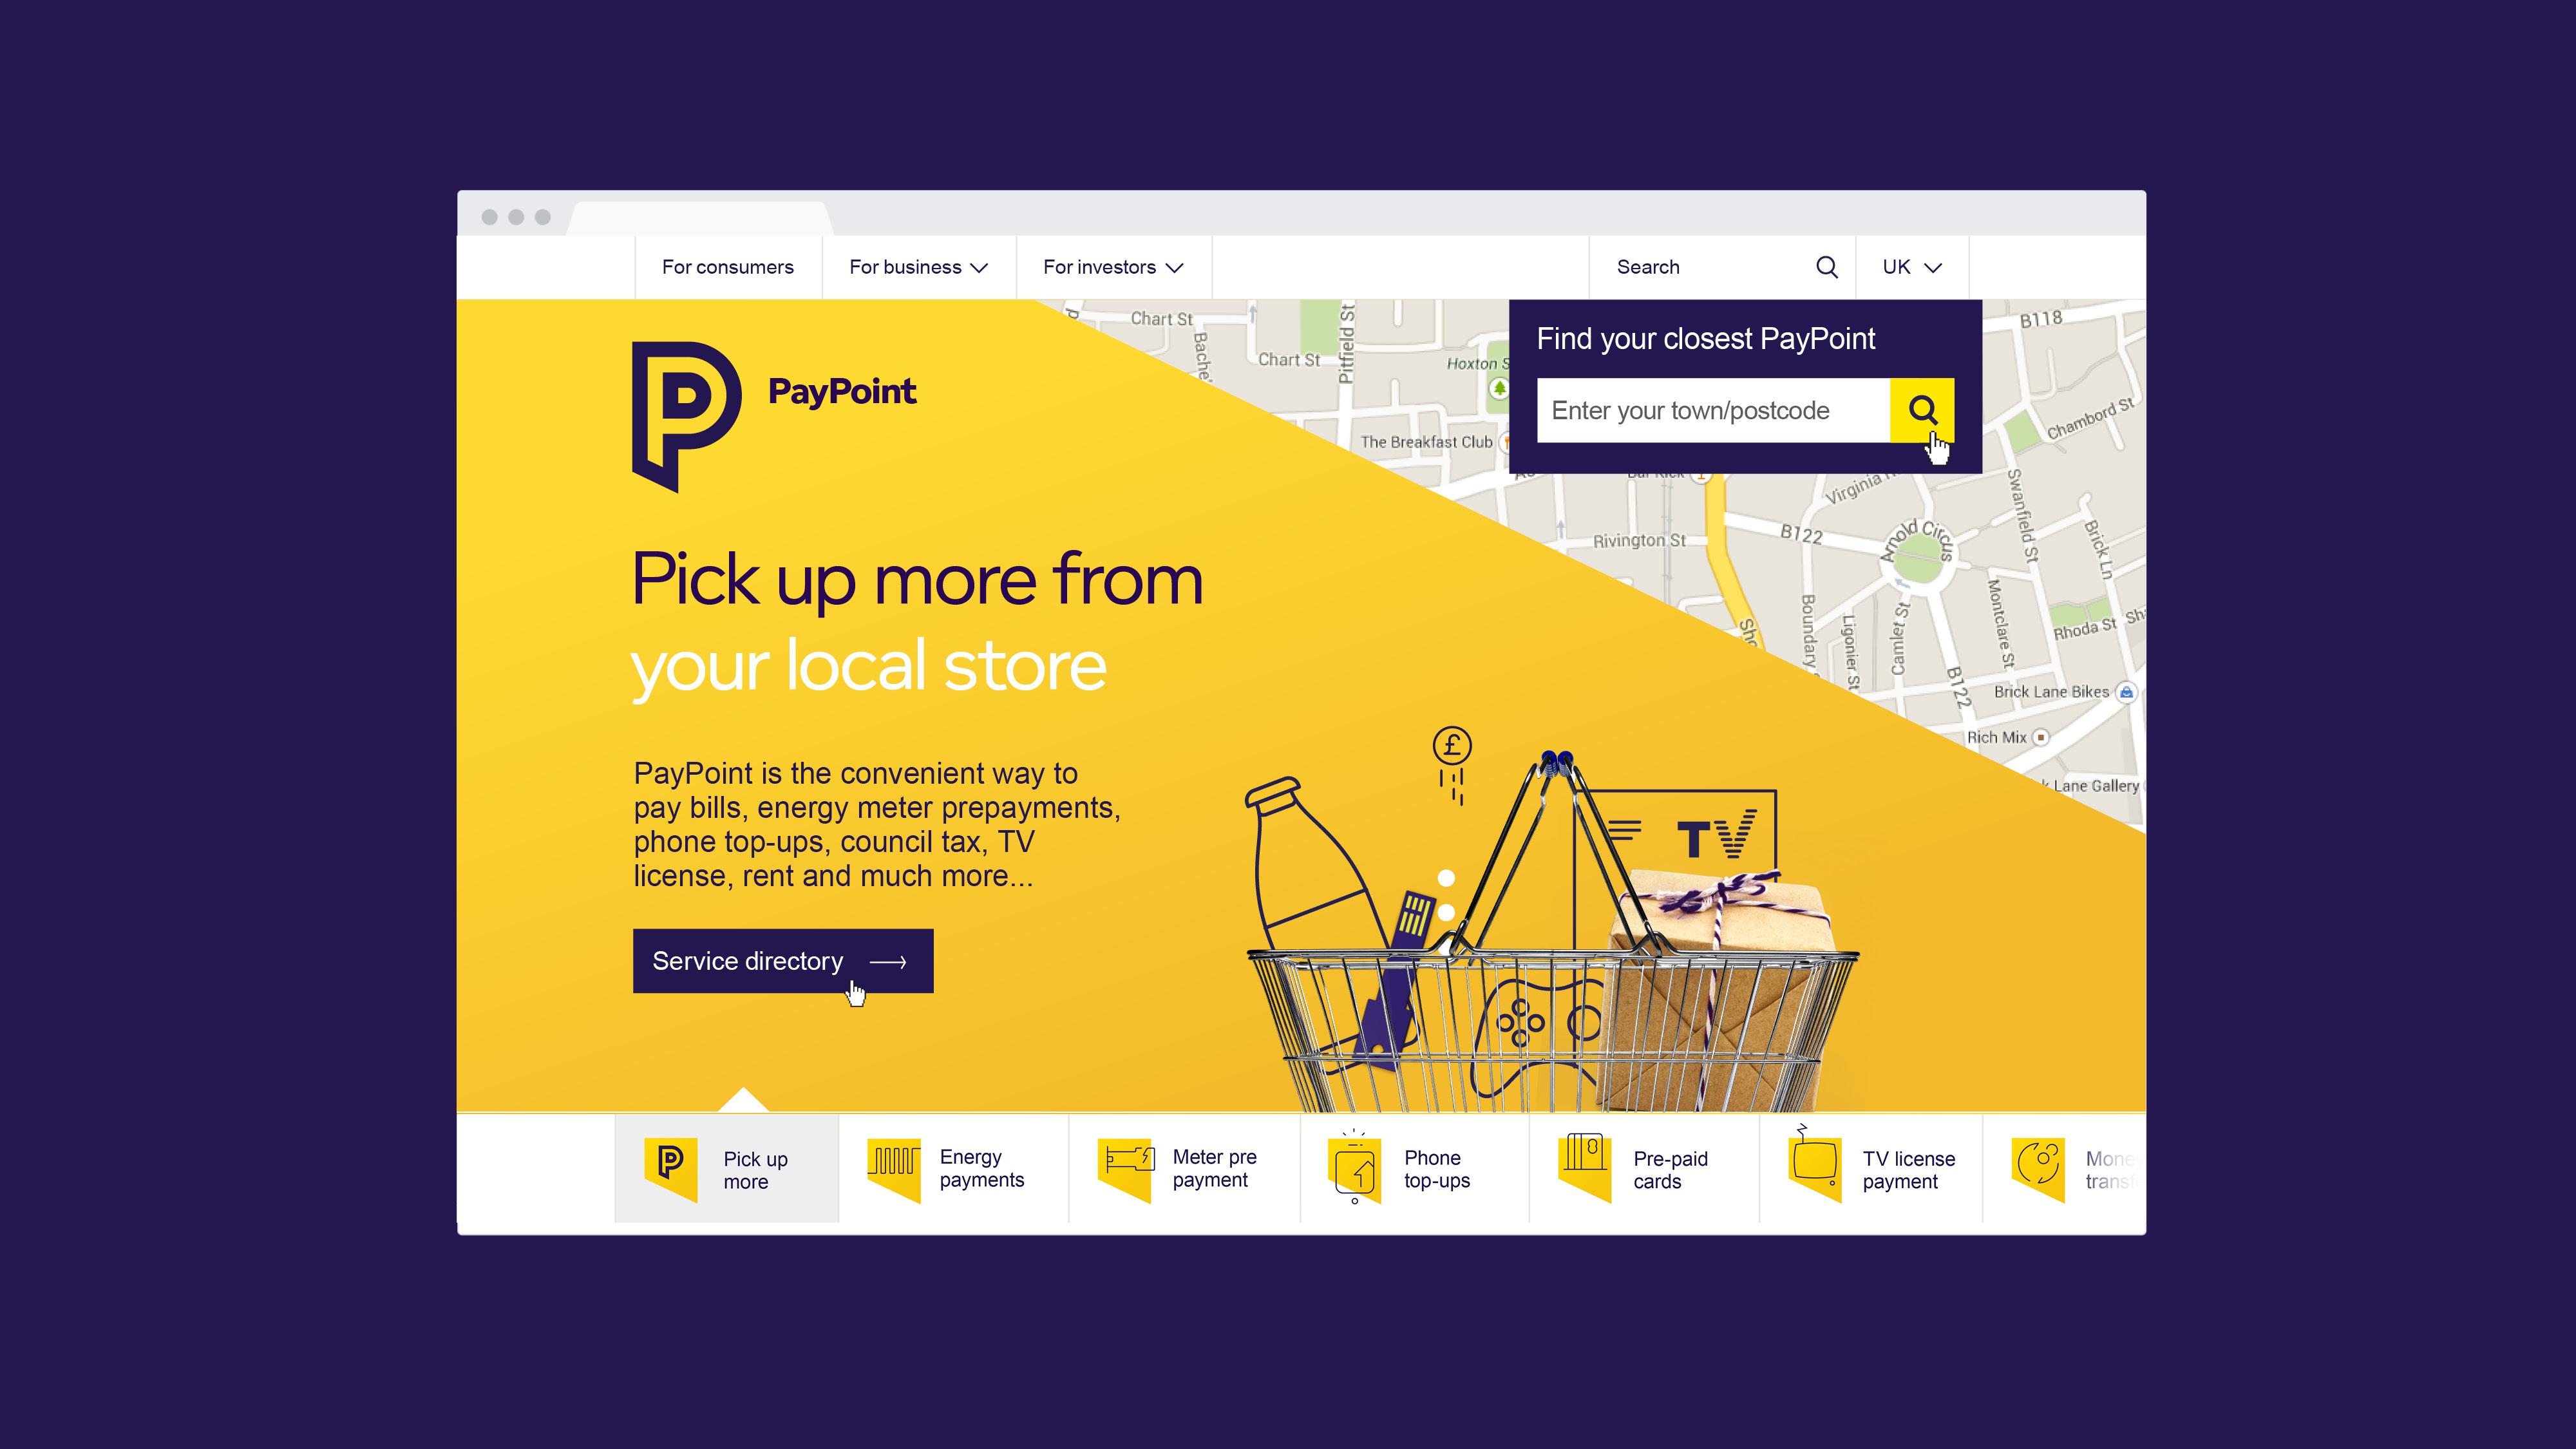 Chris_Pitney_2020_Portfolio_Paypoint8